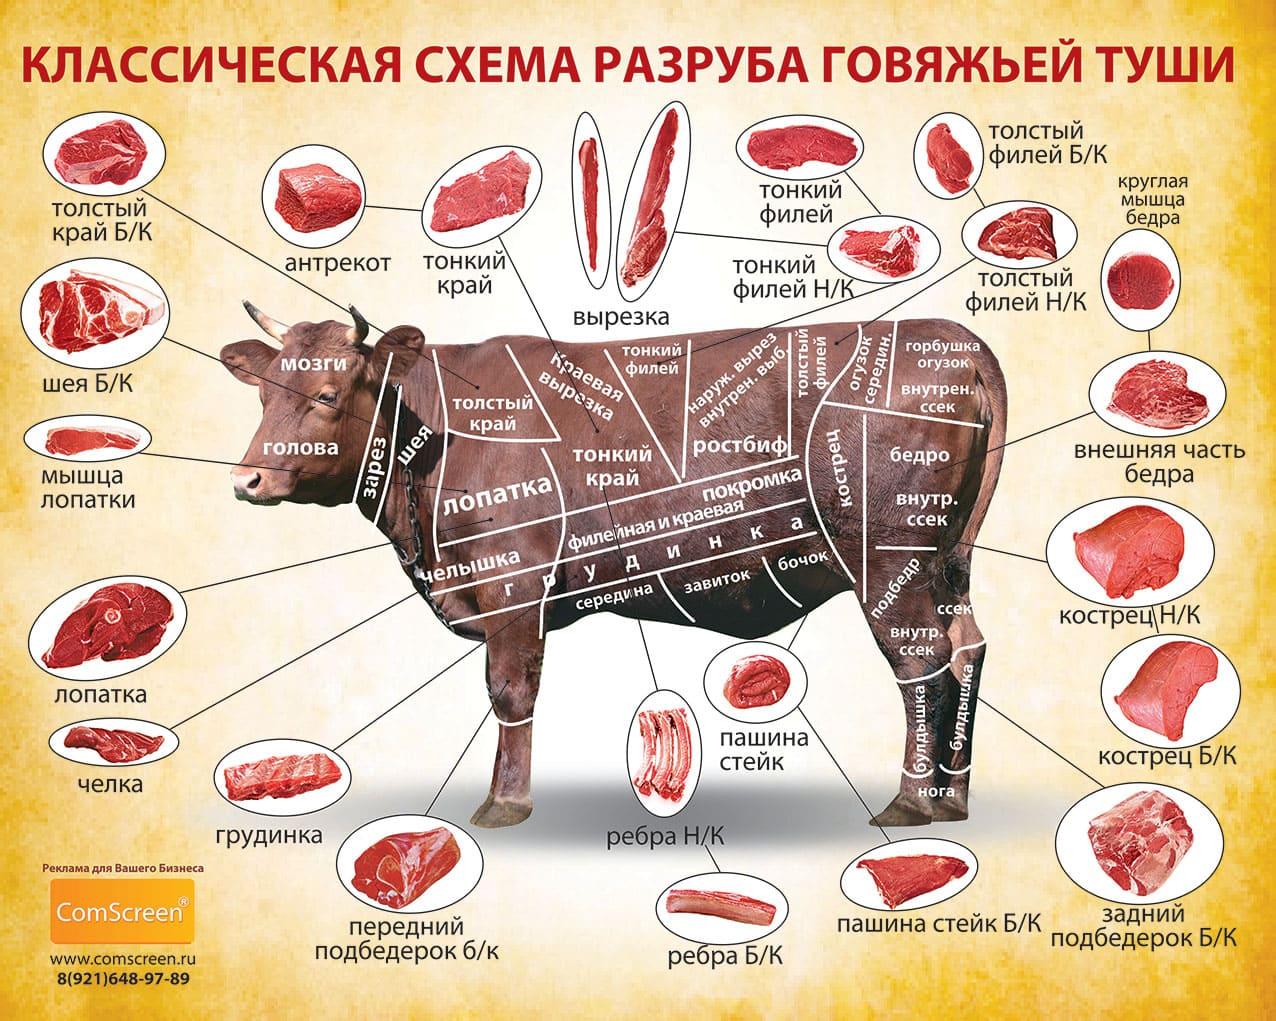 Название говядины по частям